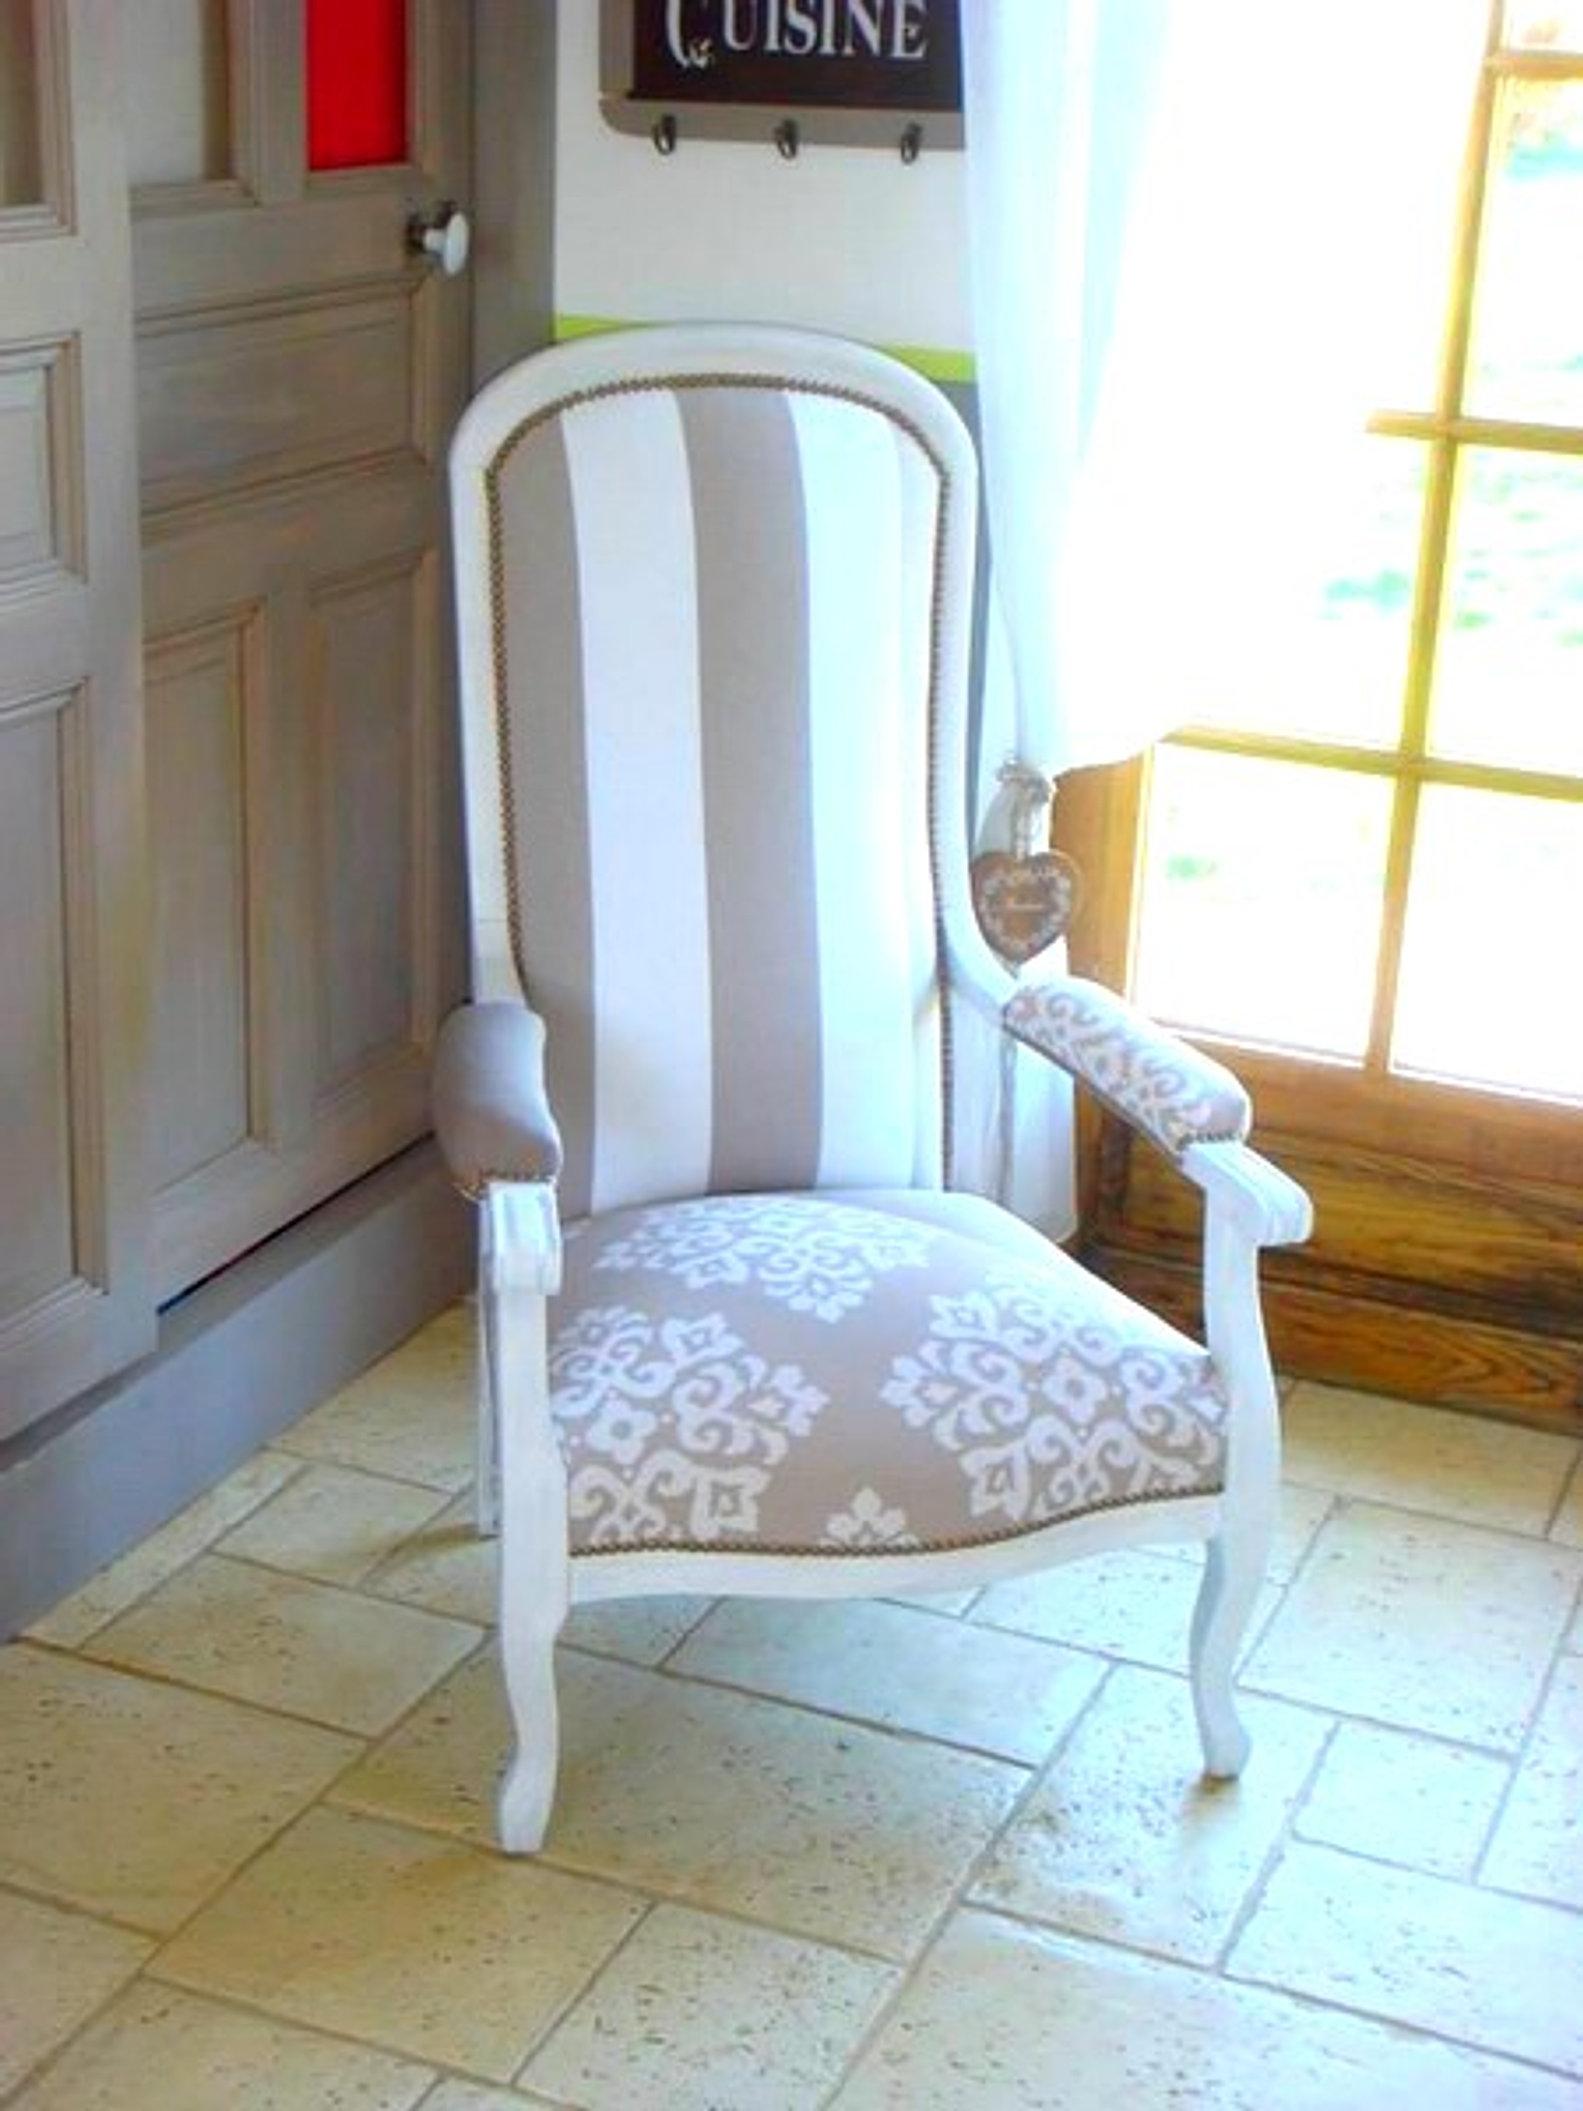 Tapissier d 39 ameublement caen tapissier d 39 ameublement paris - Achat fauteuil voltaire ...